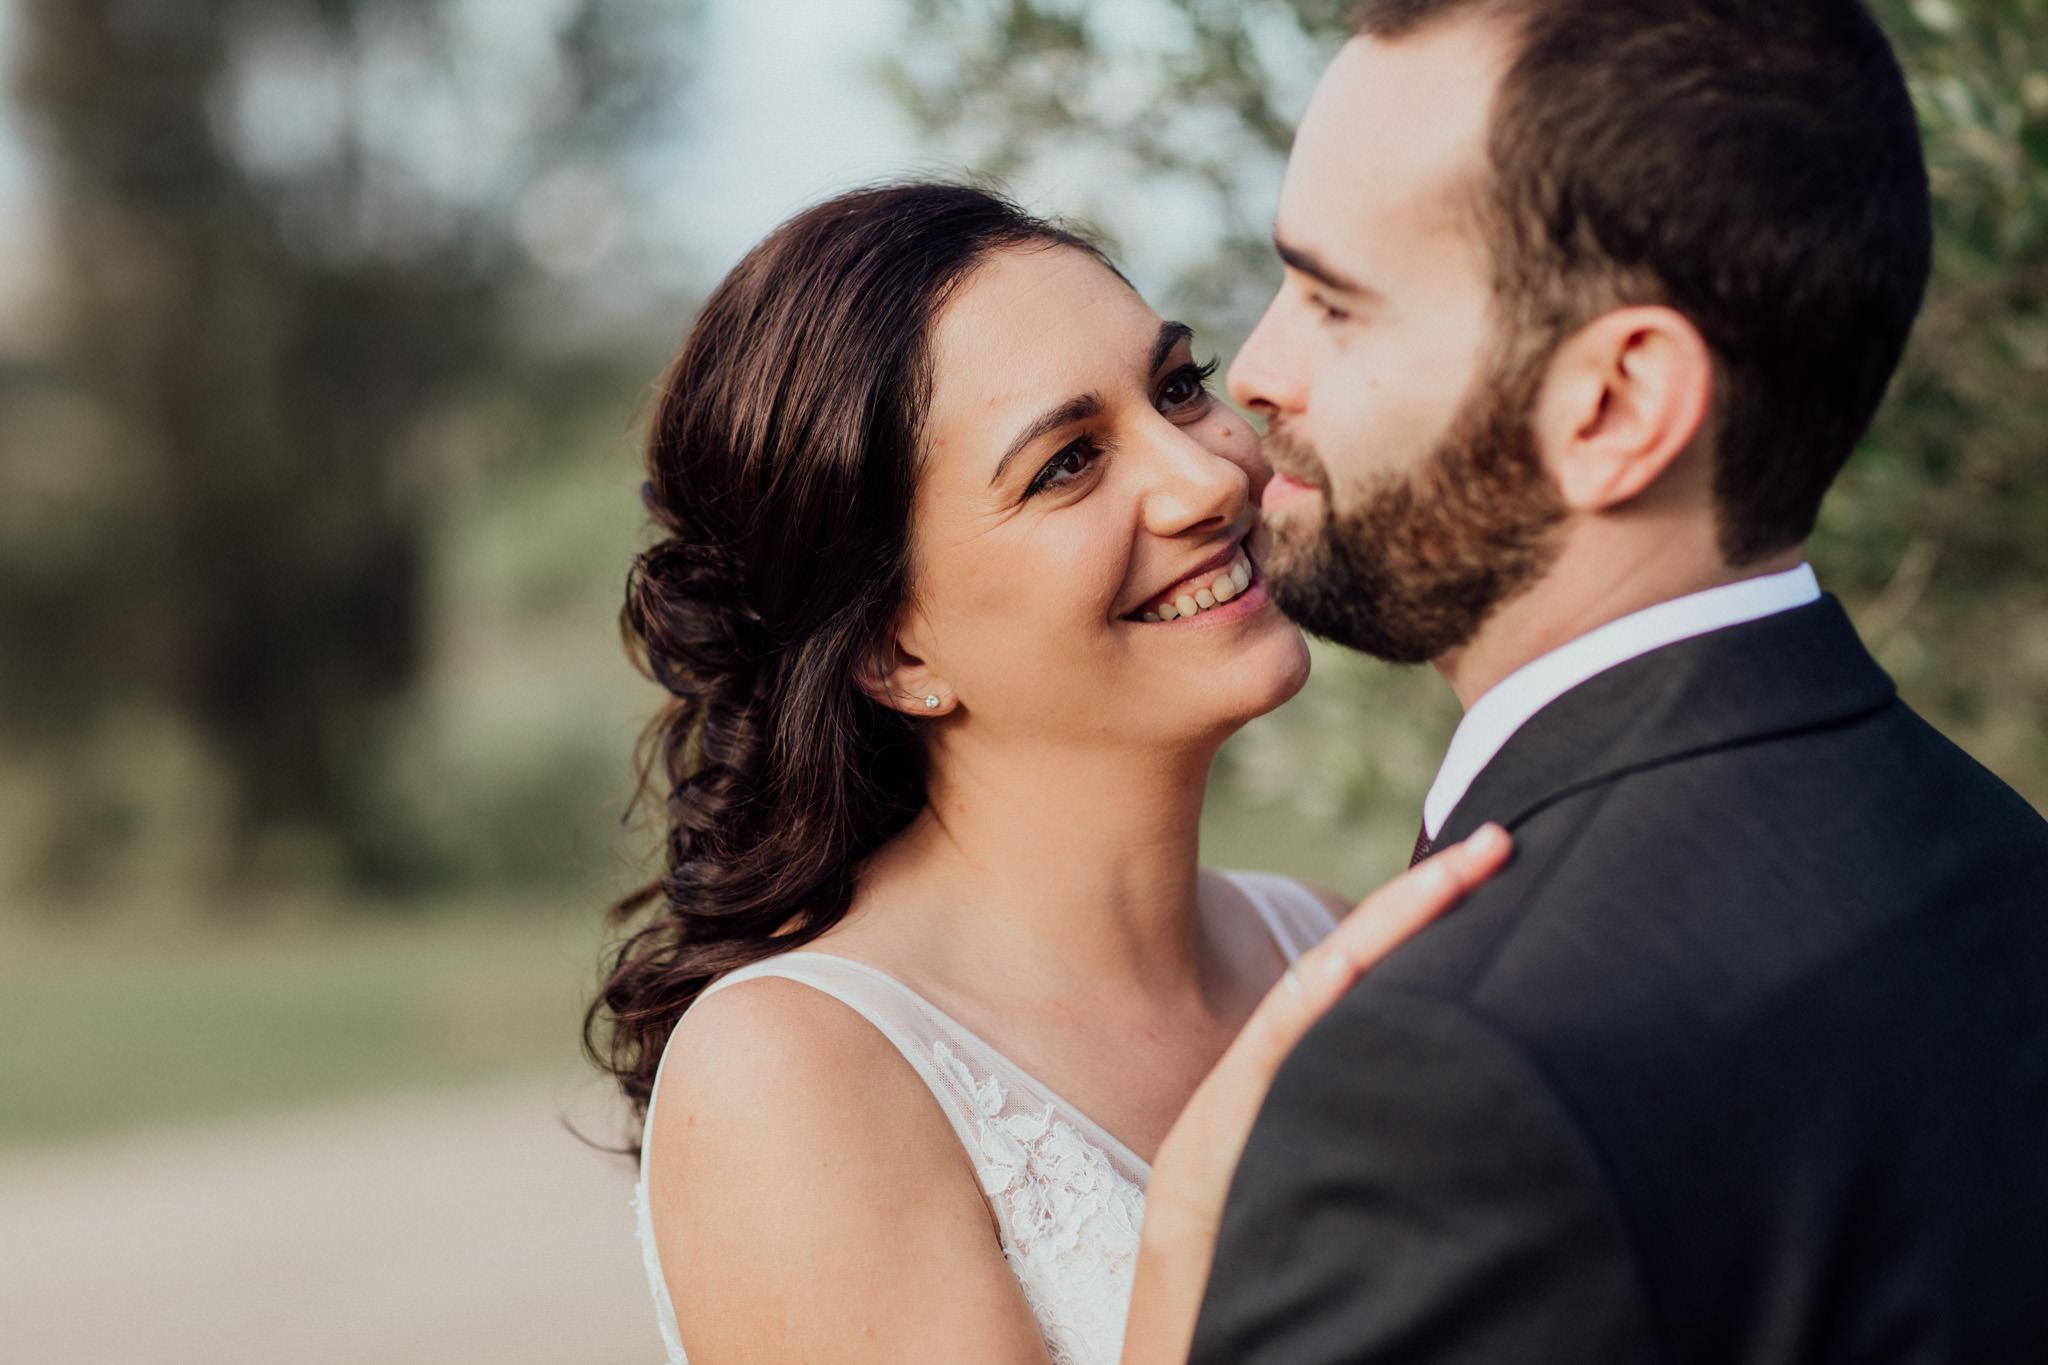 WeddingPhotos_Facebook_2048pixels-1316.jpg